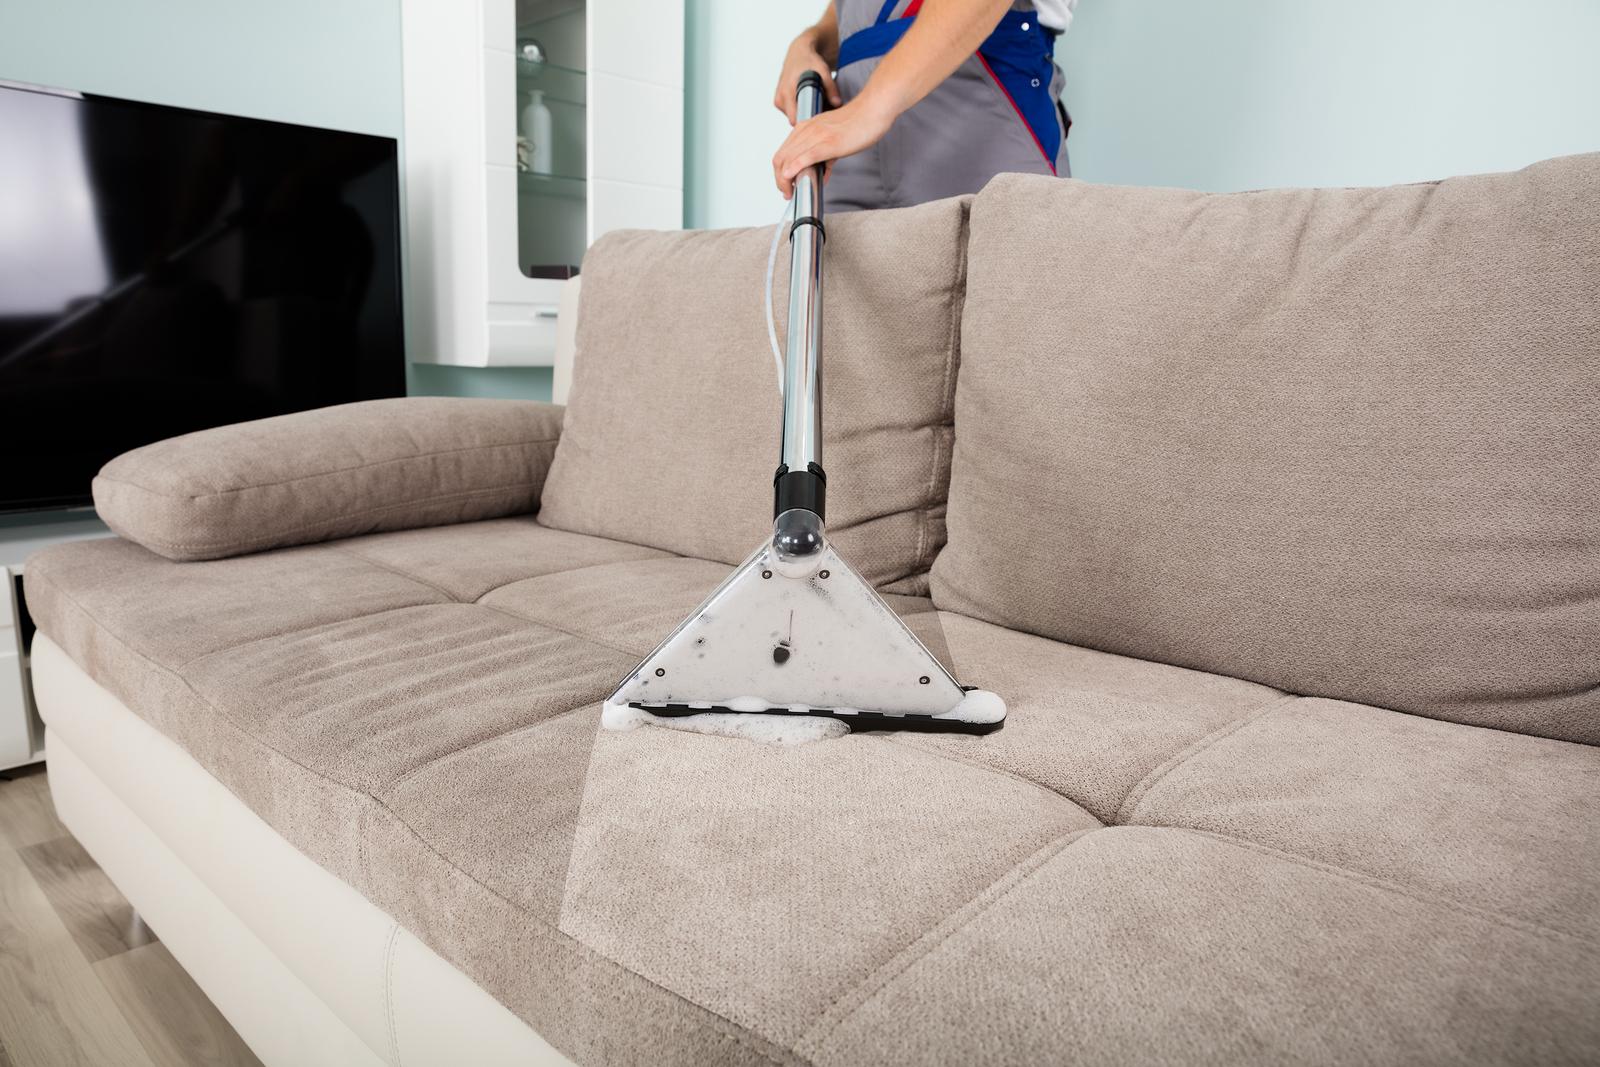 Upholstery Cleaning Colorado Zerorez Denver